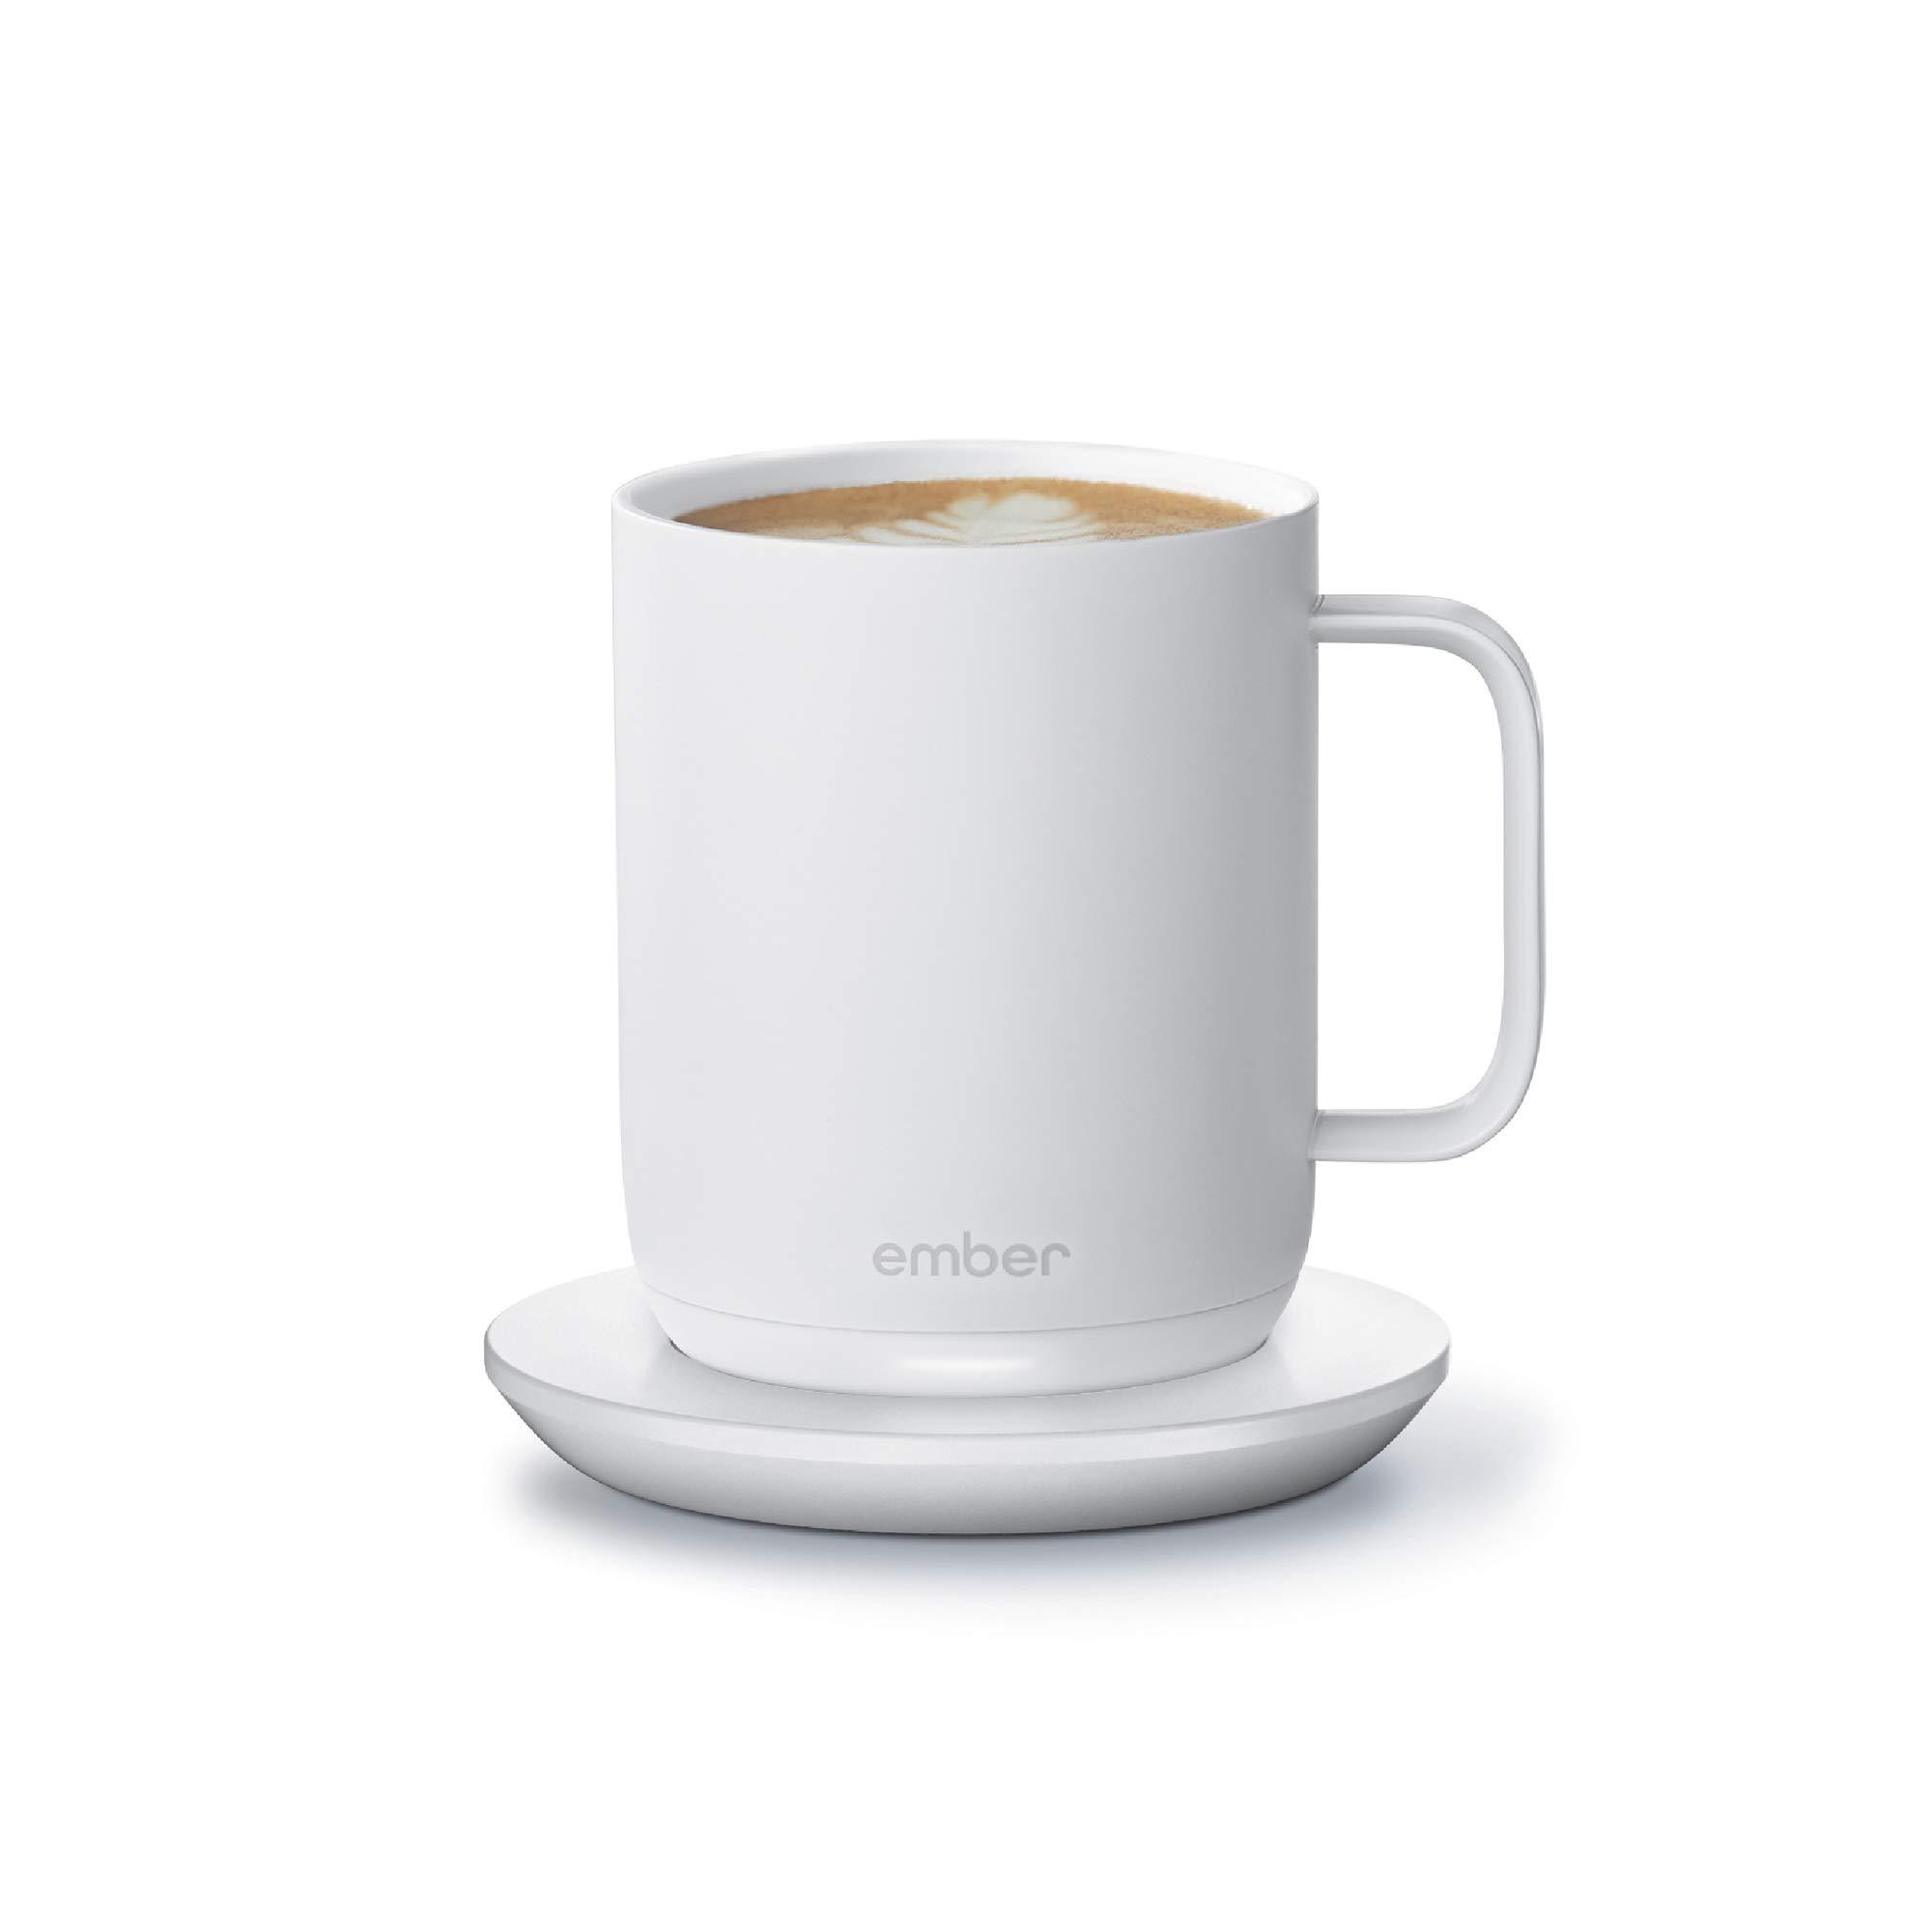 Ember Ceramic Mug White Gen